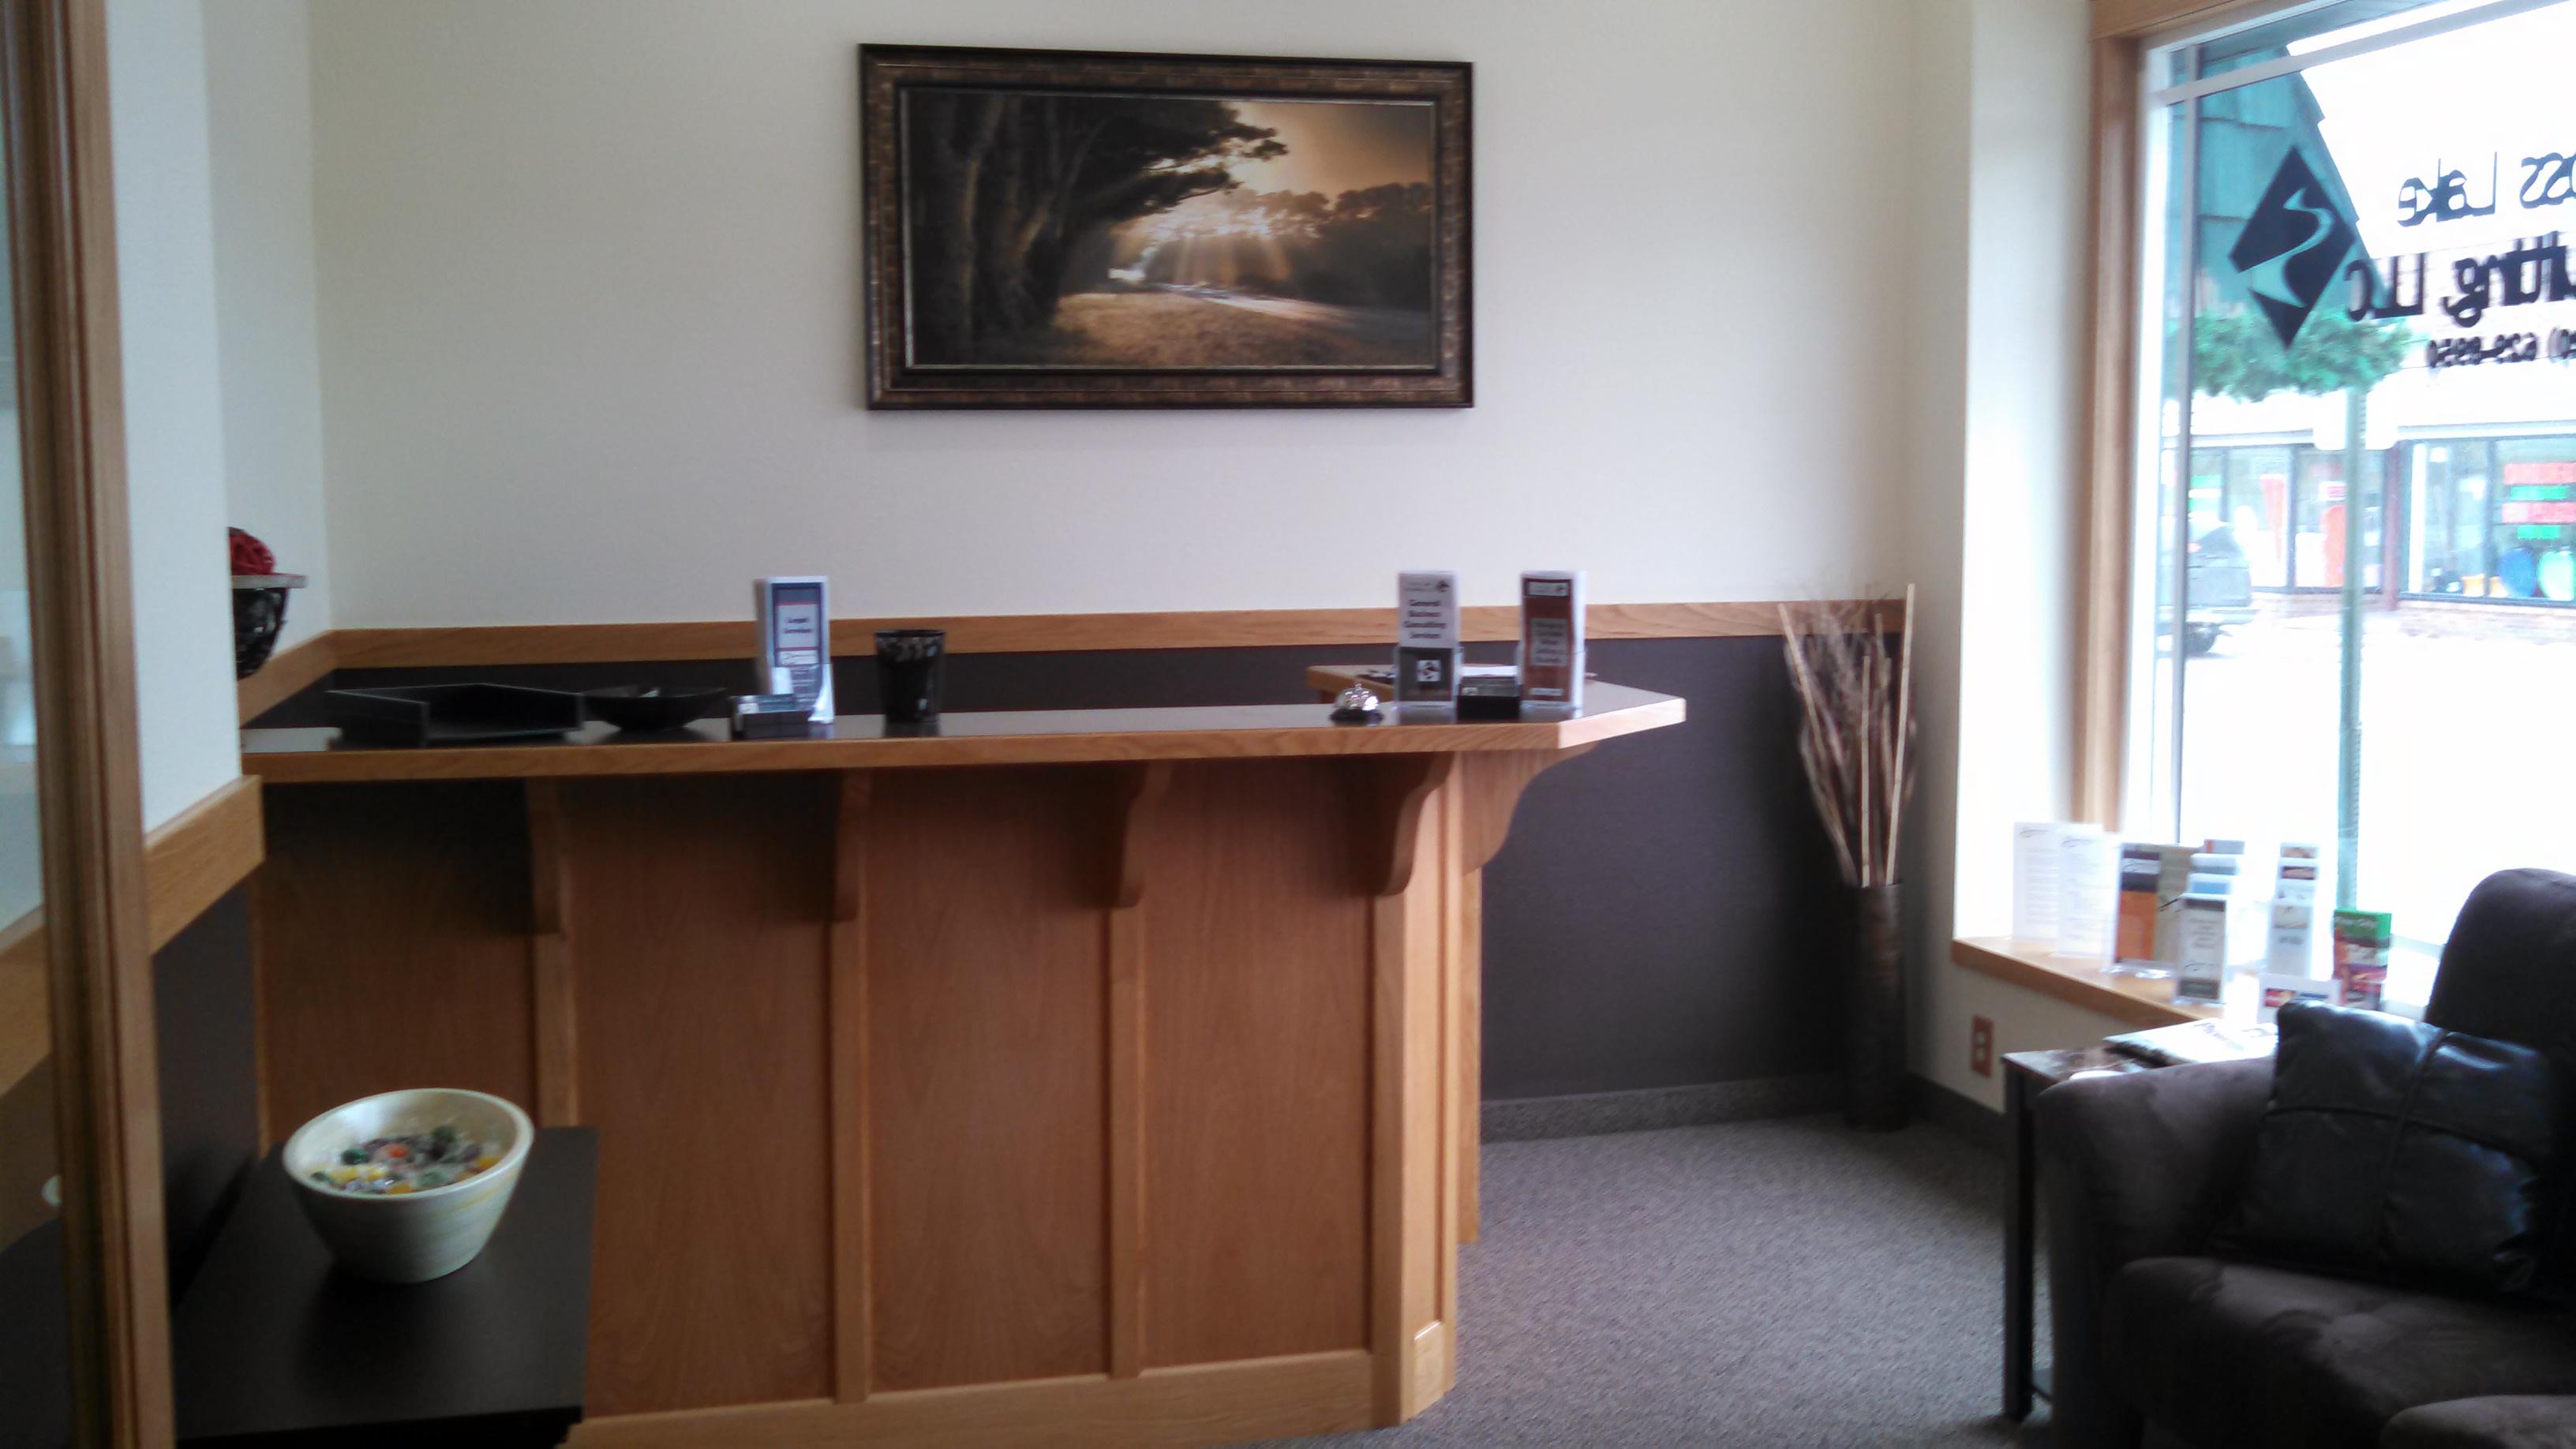 Cabak Law LLC image 1